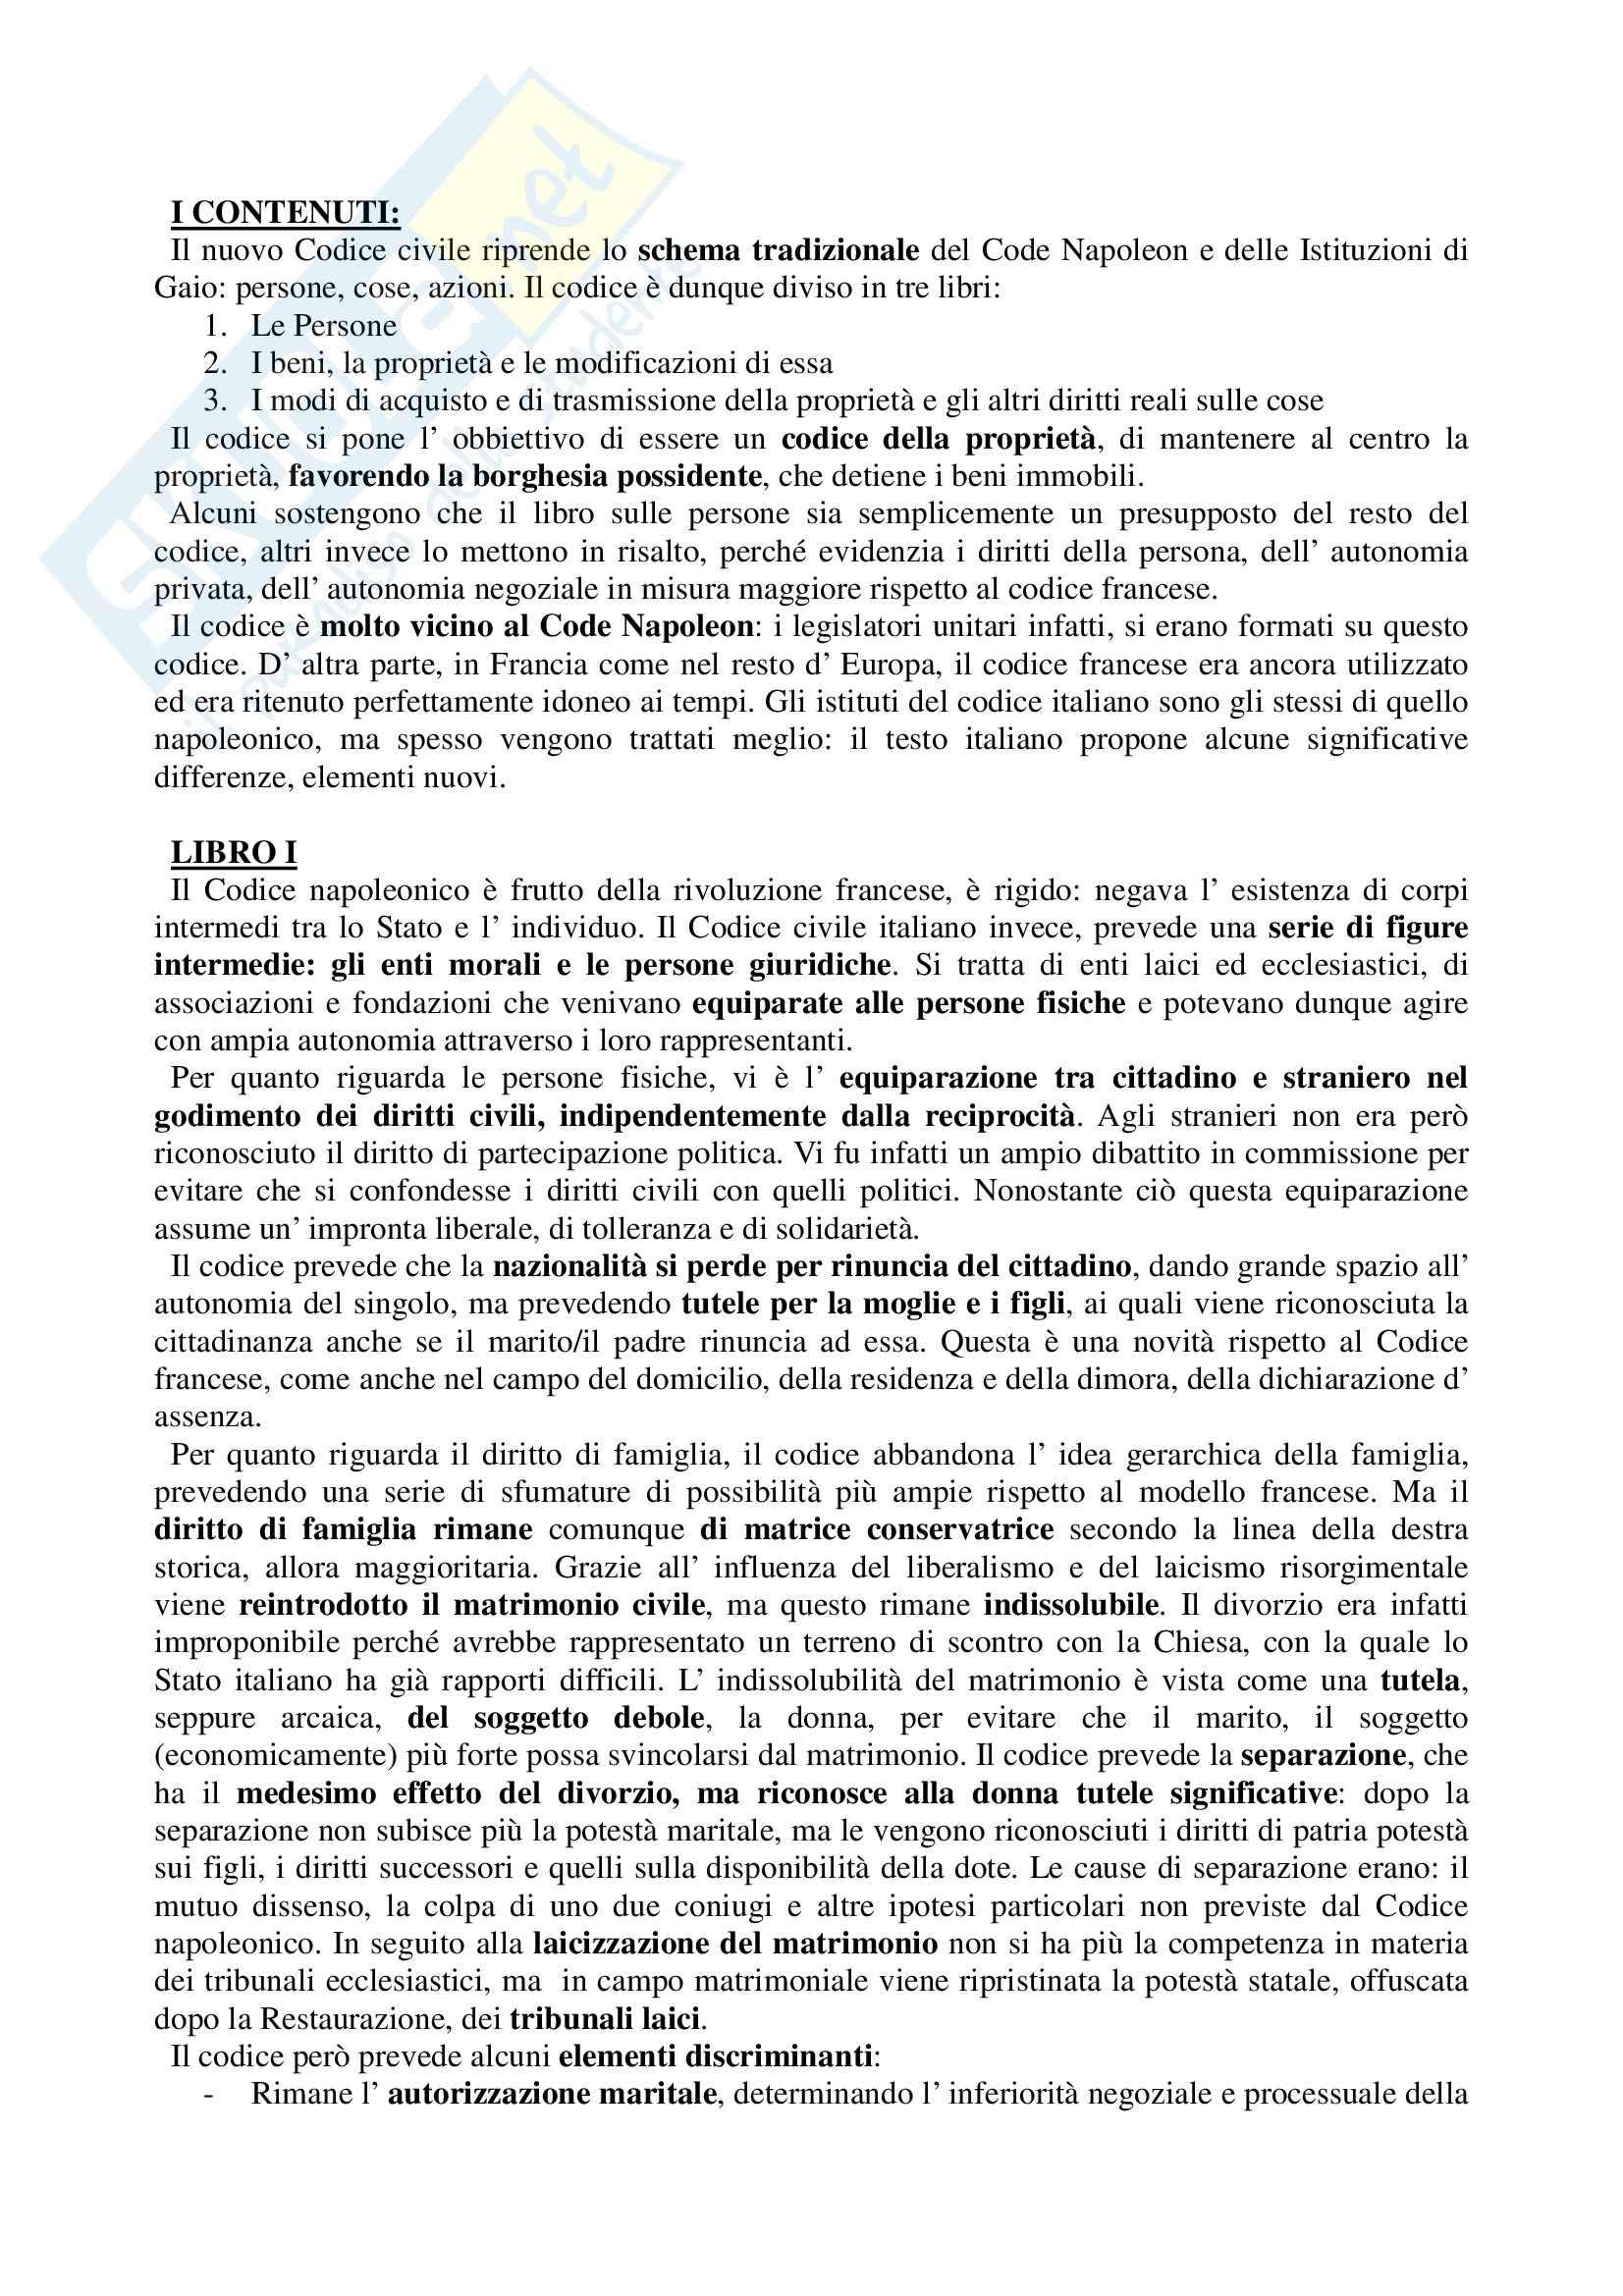 Storia del diritto medievale e moderno - Appunti Pag. 41